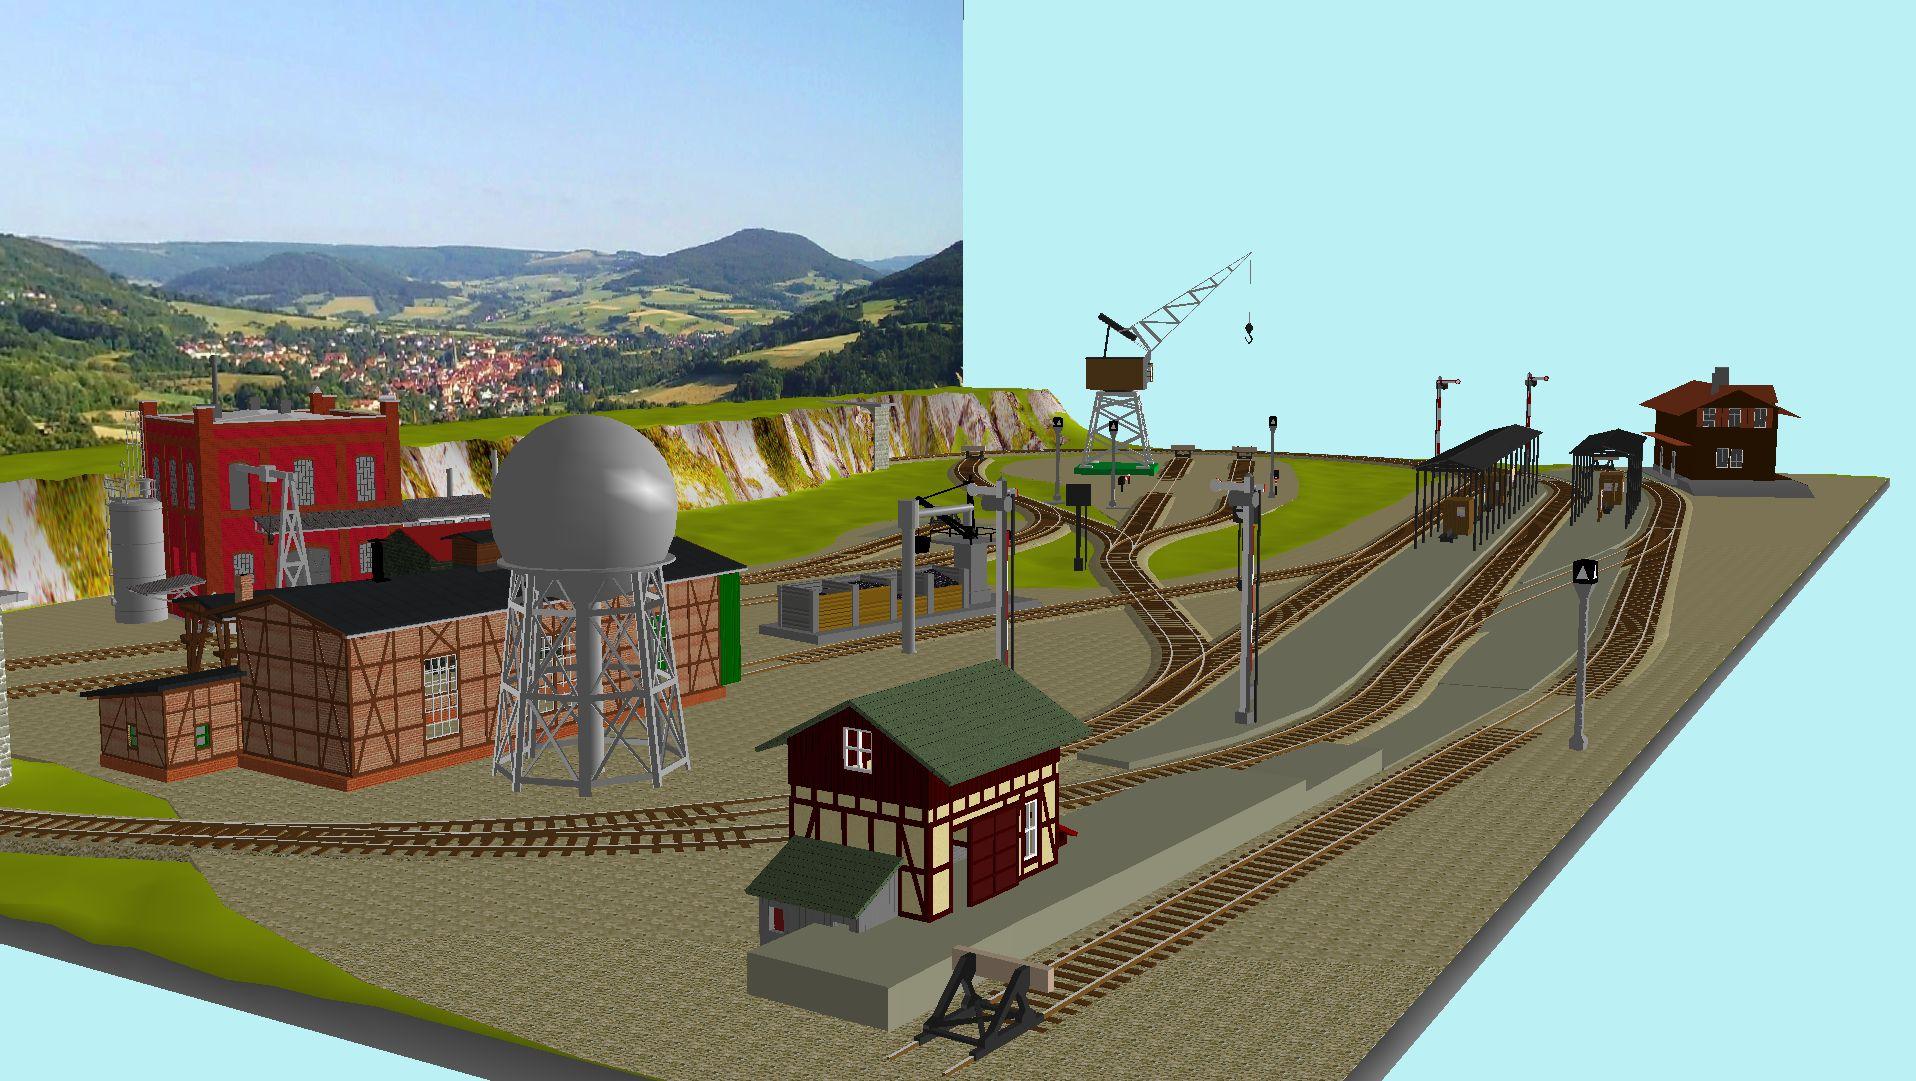 'ALBA Modellbahnpraxis' Band 1, Plan 5 Amp-1_5_c-gleis_freilz5kii